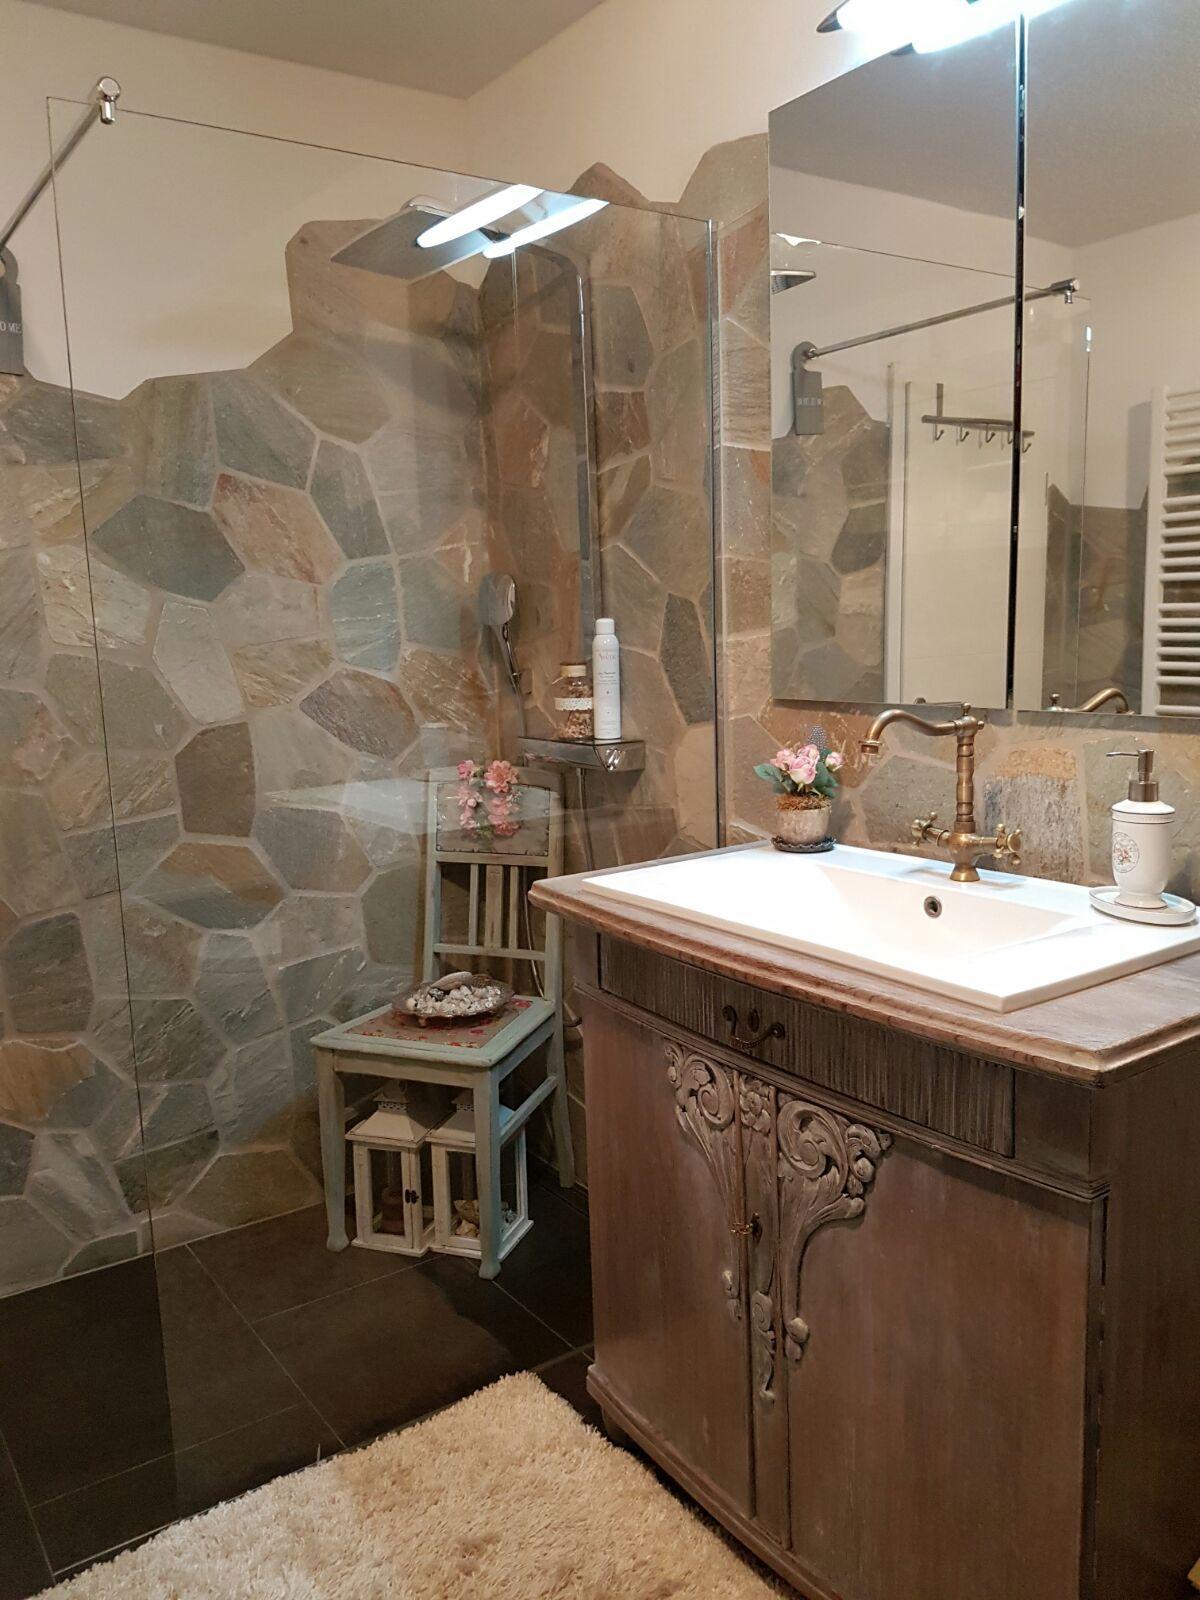 Antike Jugenstil-Kommode als Waschbecken-Schrank für ein